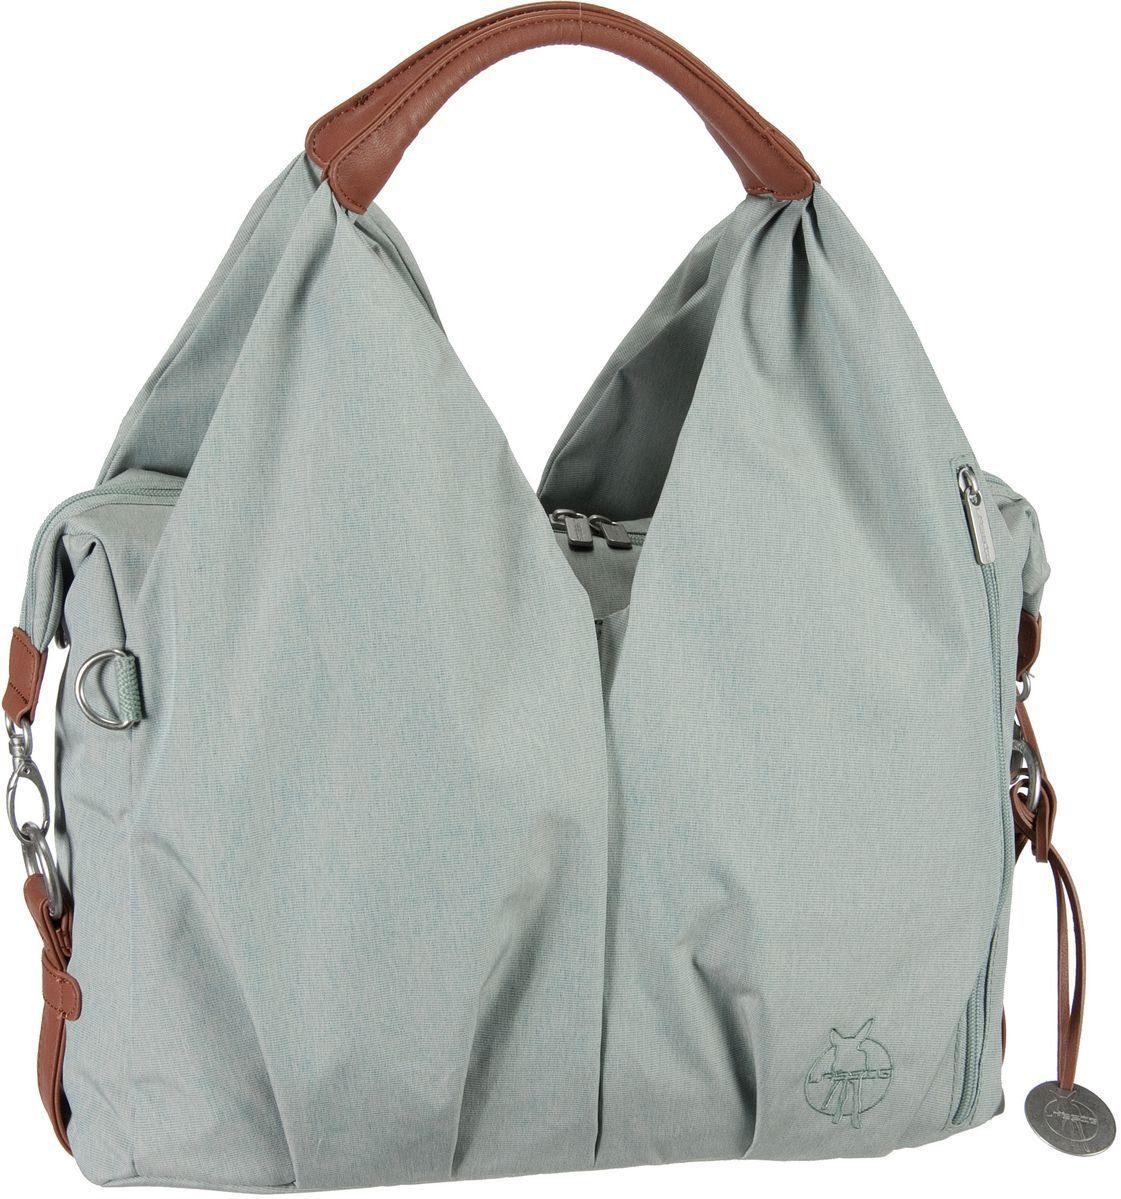 Lässig Green Label Neckline Bag